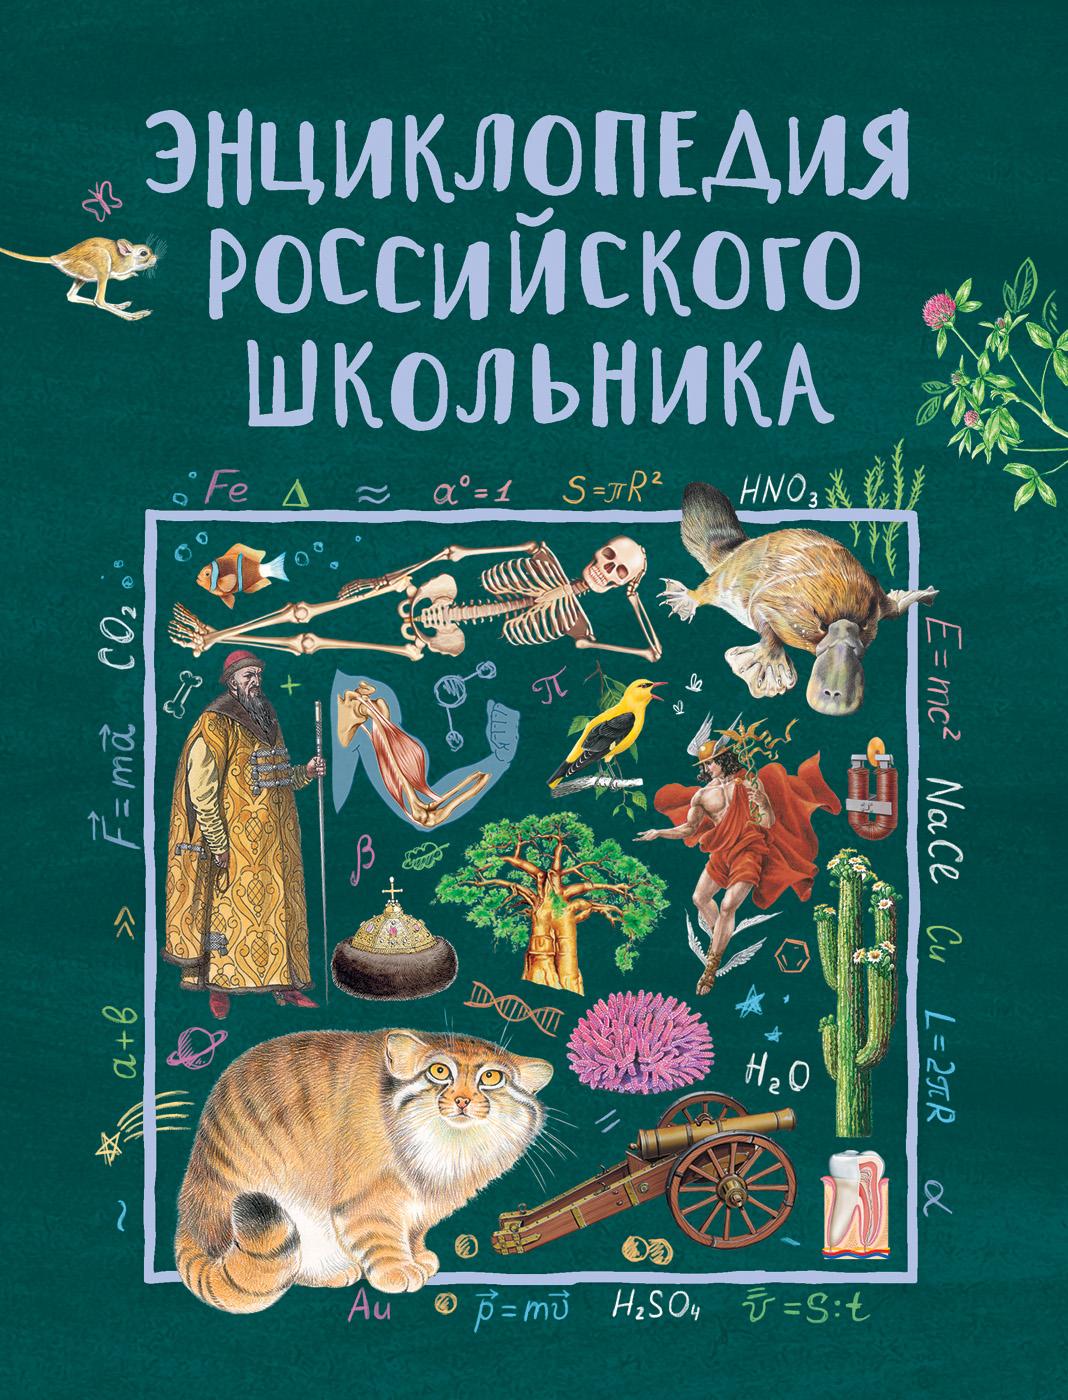 Энциклопедия российского школьника ( Гальцева Светлана Николаевна  )